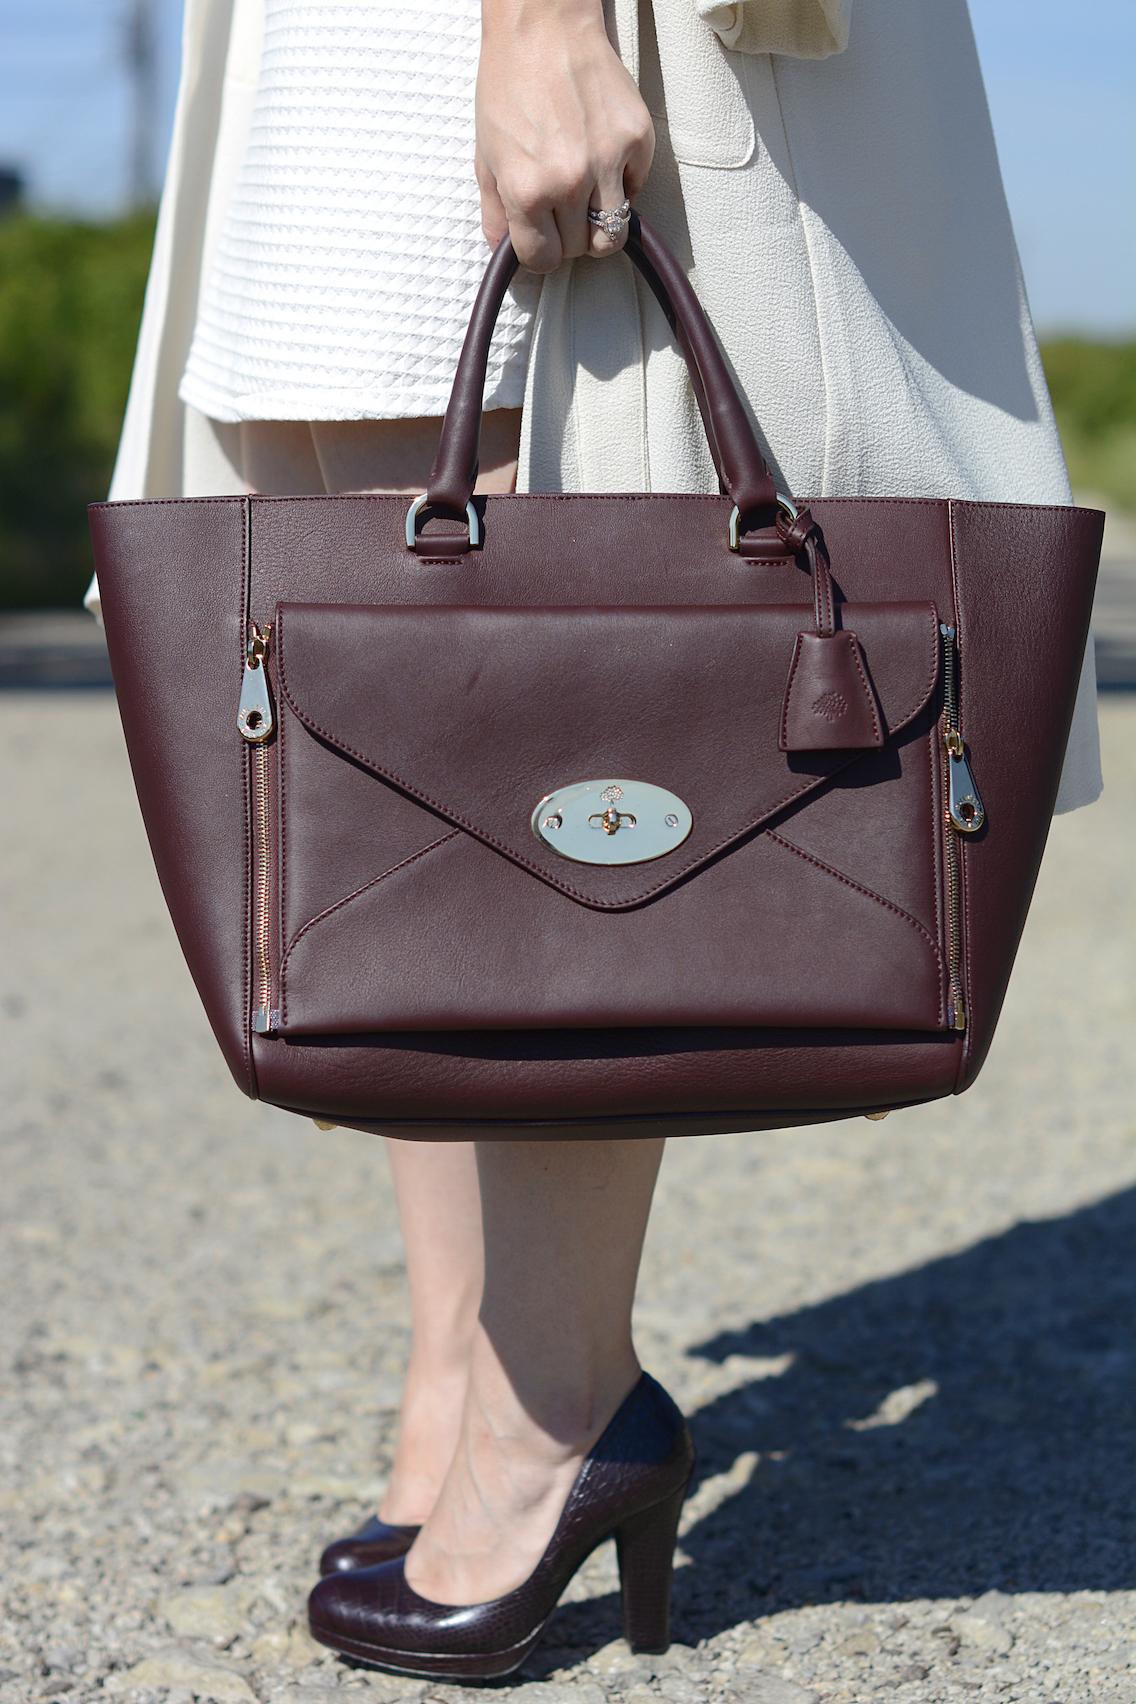 Asos H&M Mulberry LK Bennett Chanel 4